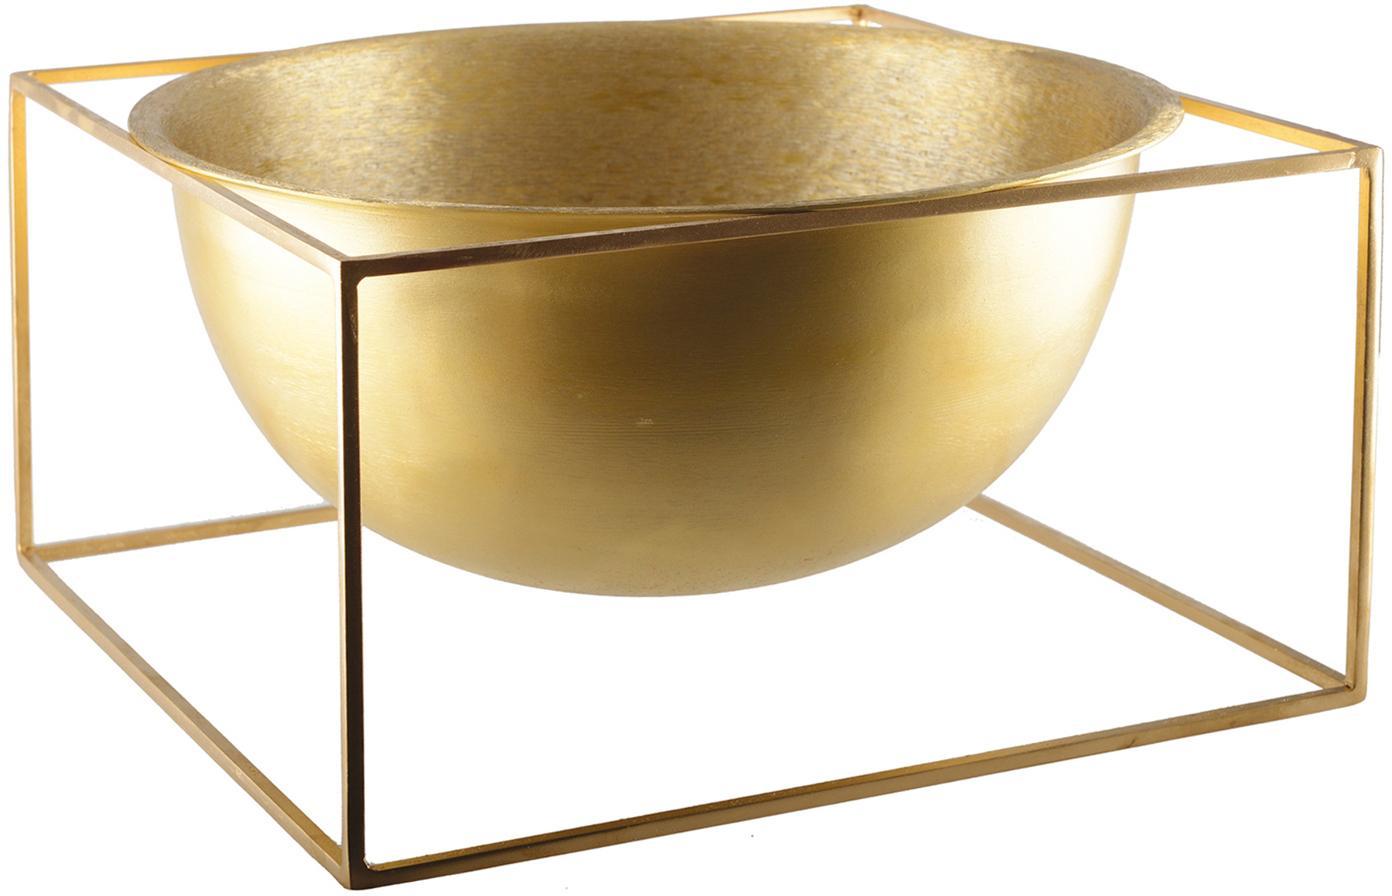 Deko-Schale Shadon, Aluminium, beschichtet, Goldfarben, 32 x 17 cm